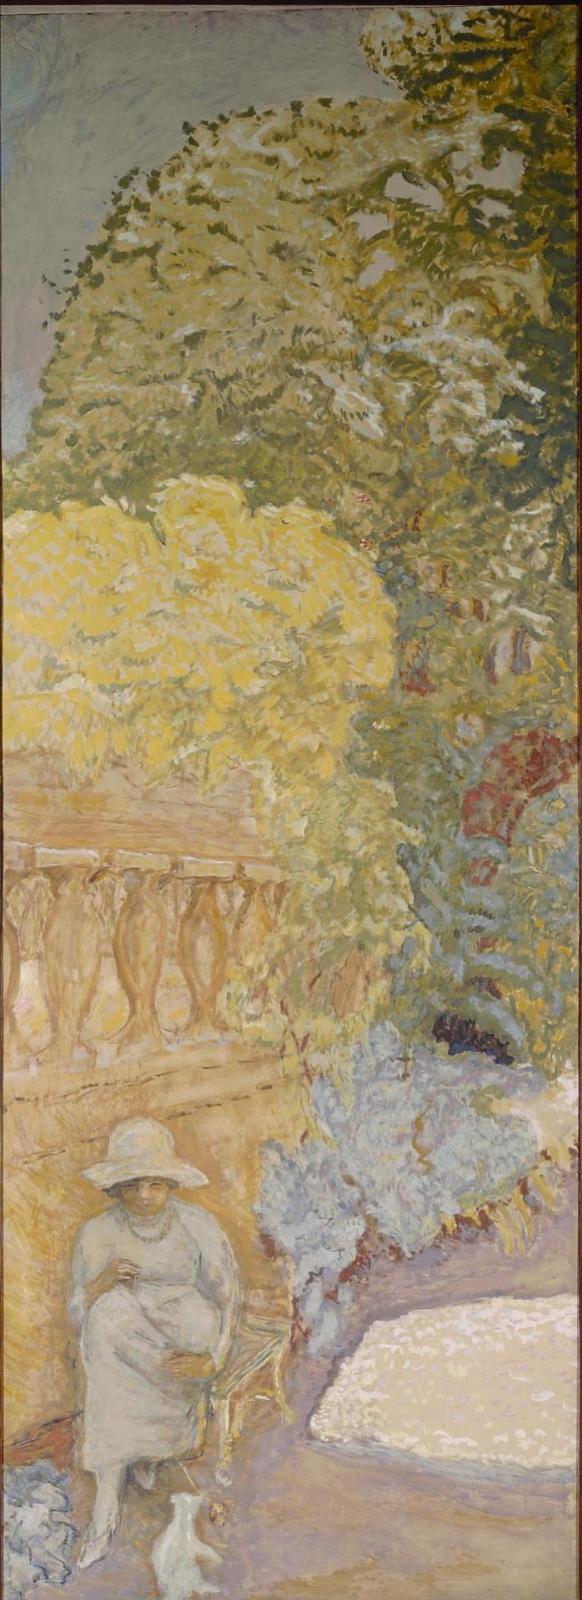 Пьер Боннар. У Средиземного моря (триптих). Левое панно